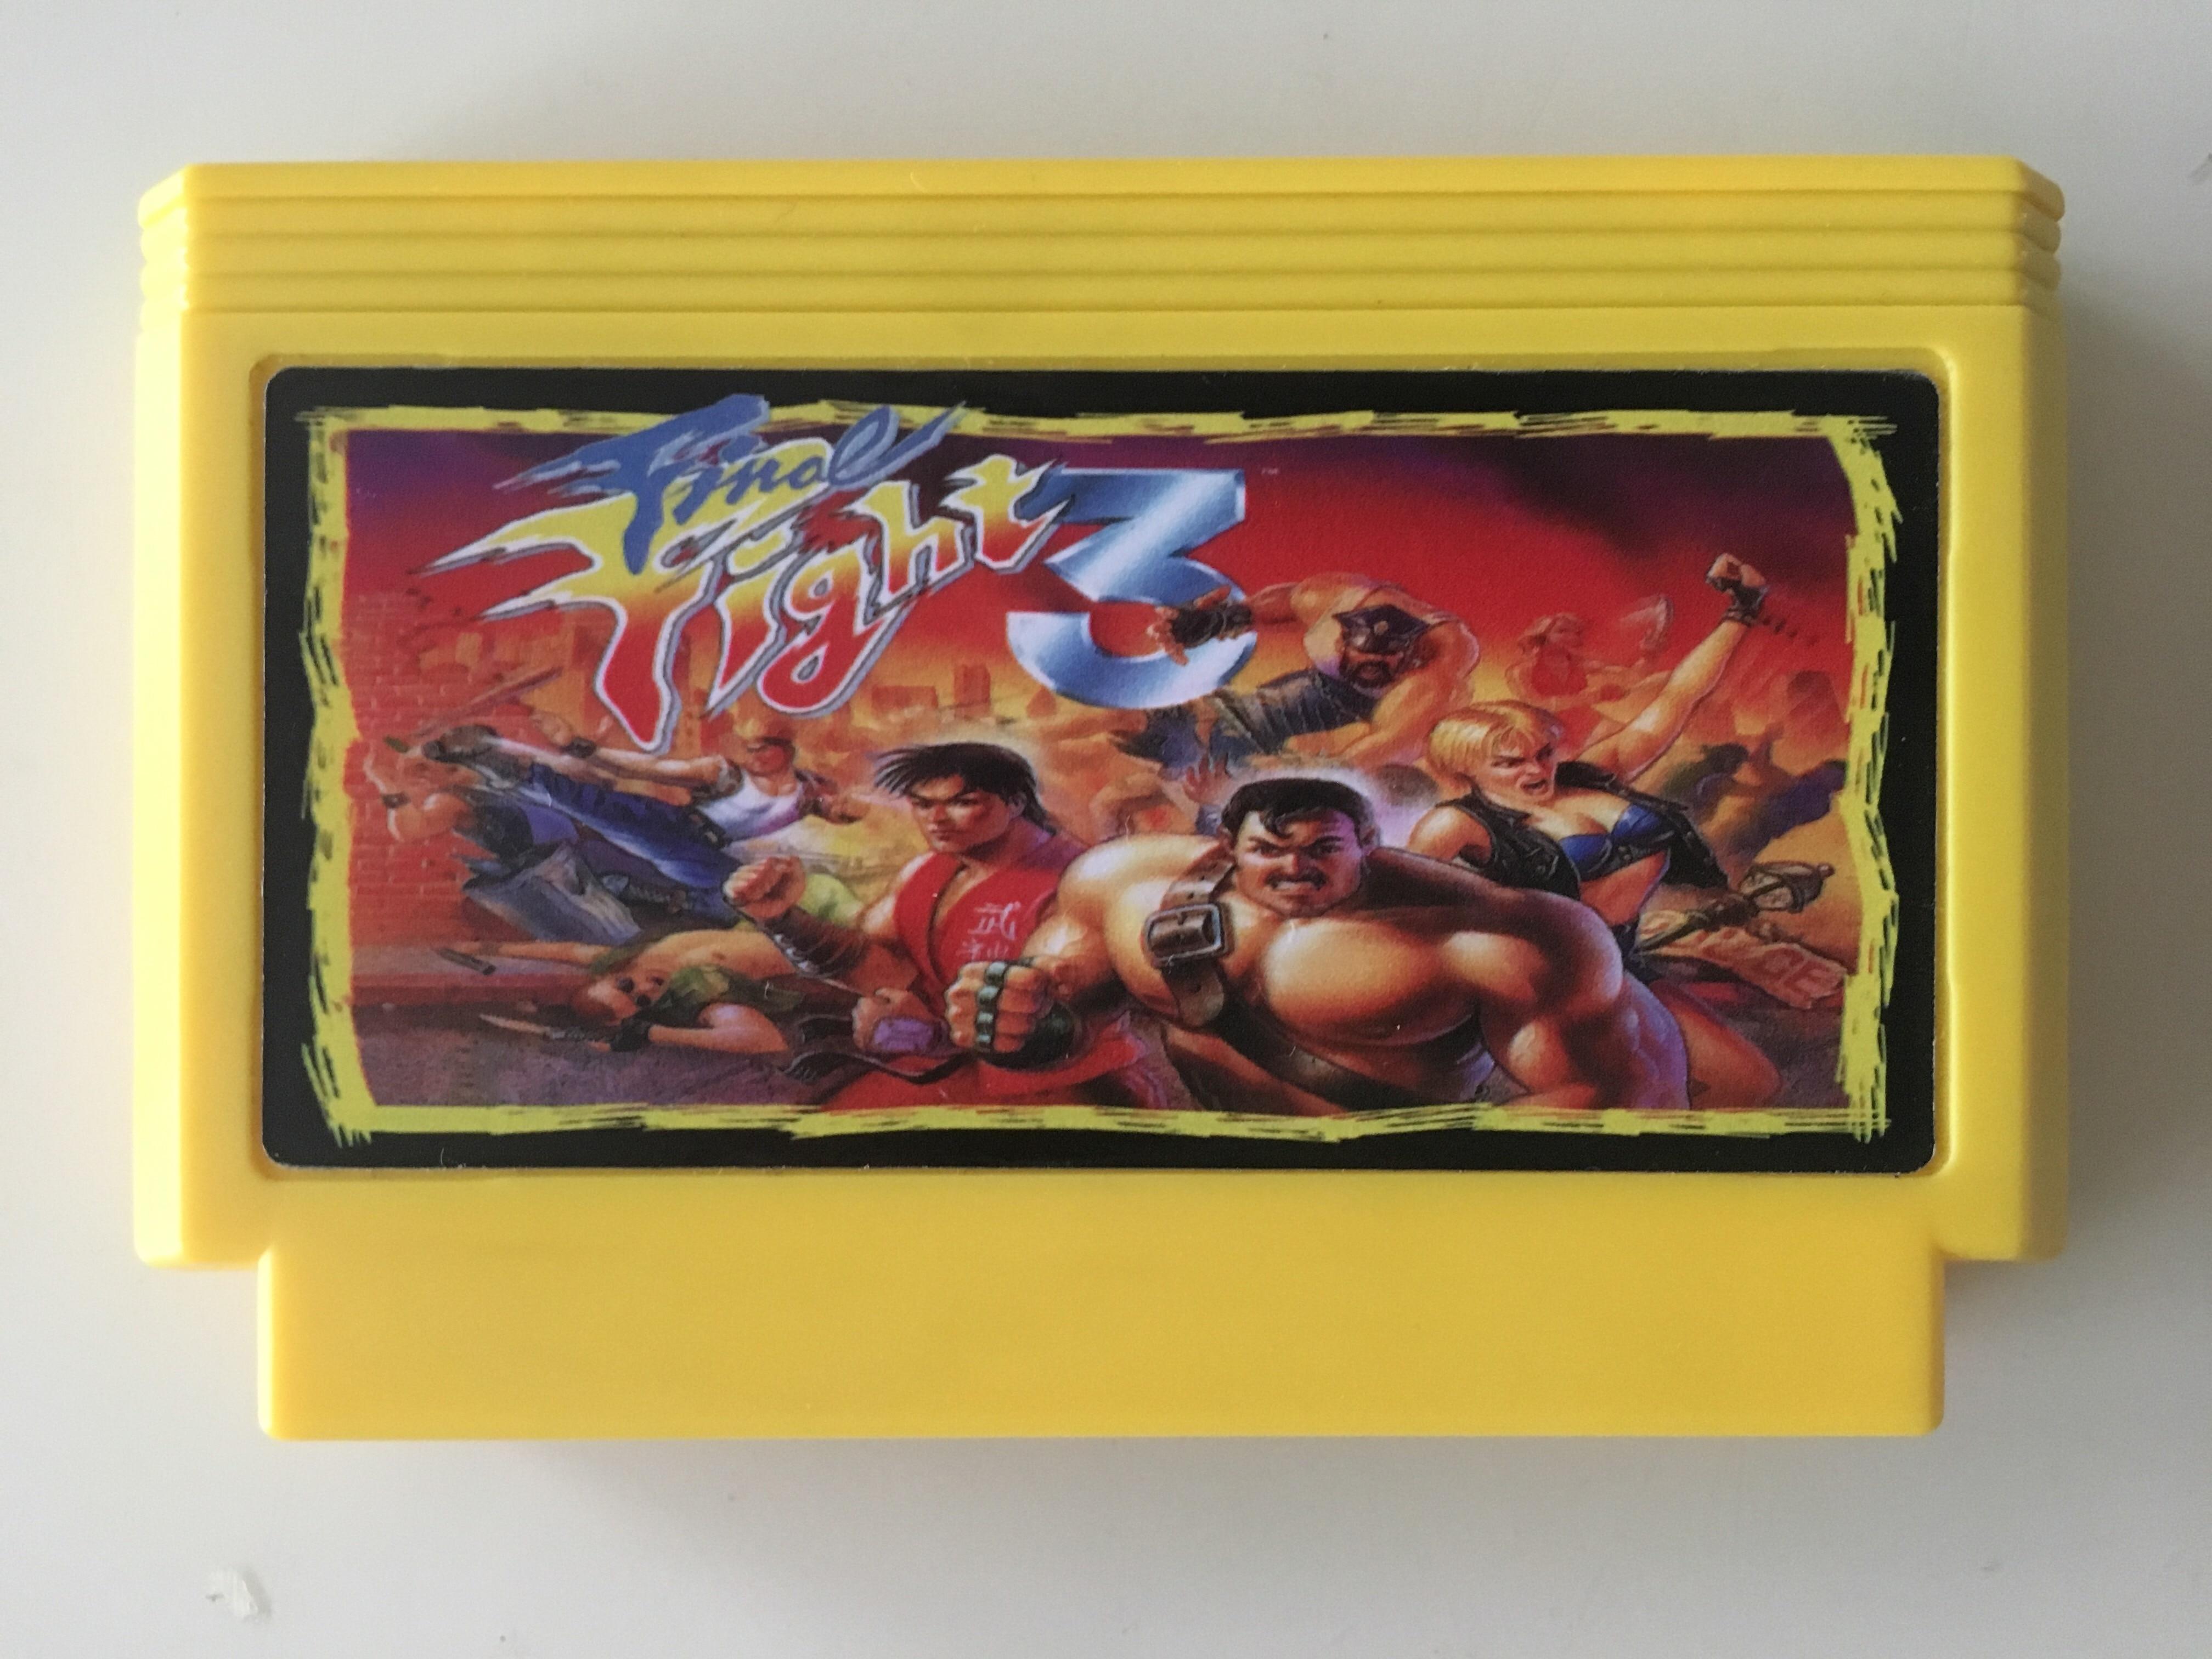 ¡Tarjeta de juego de 8 bits Final Fight 3 (versión de Japón! ¡Solo cartucho!)